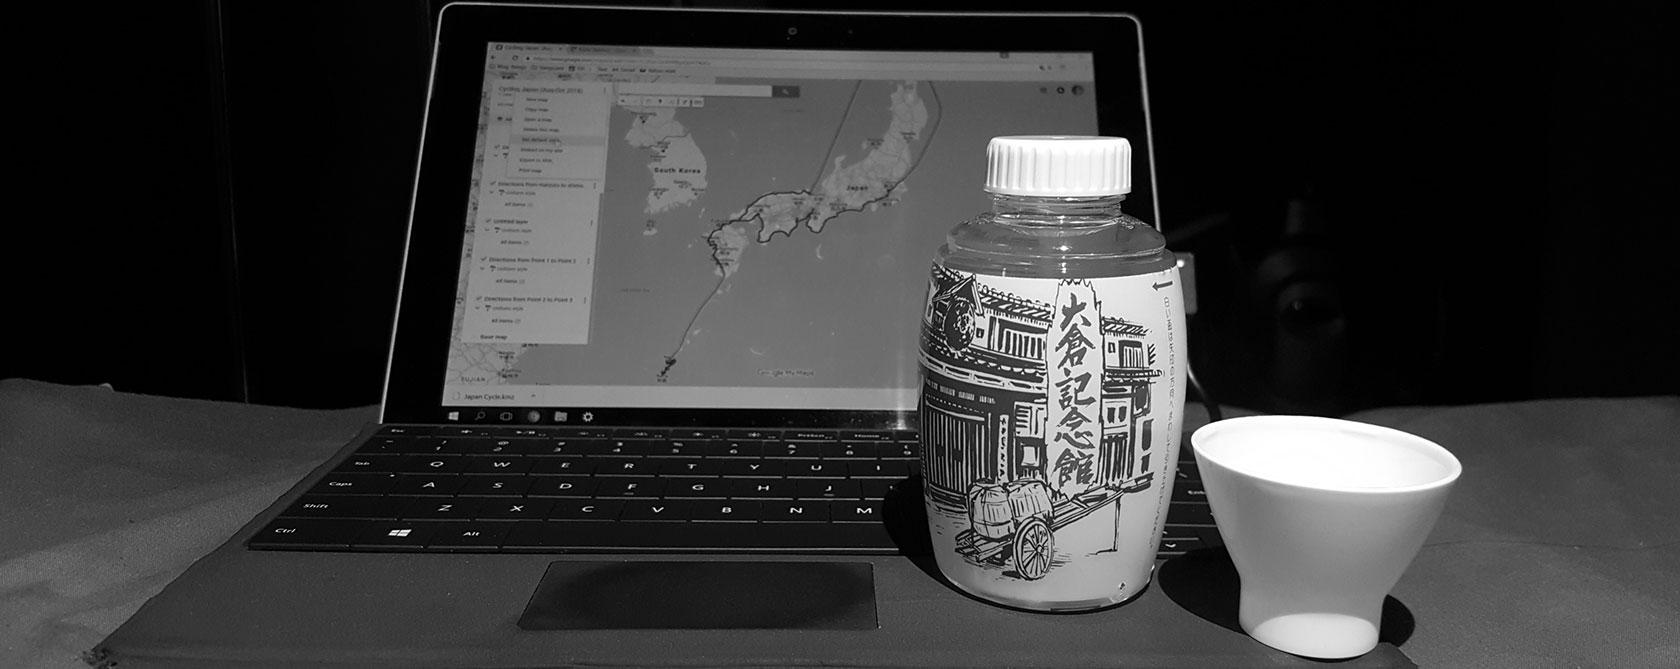 cycle touring, japan, bicycle, cycling, sake, map